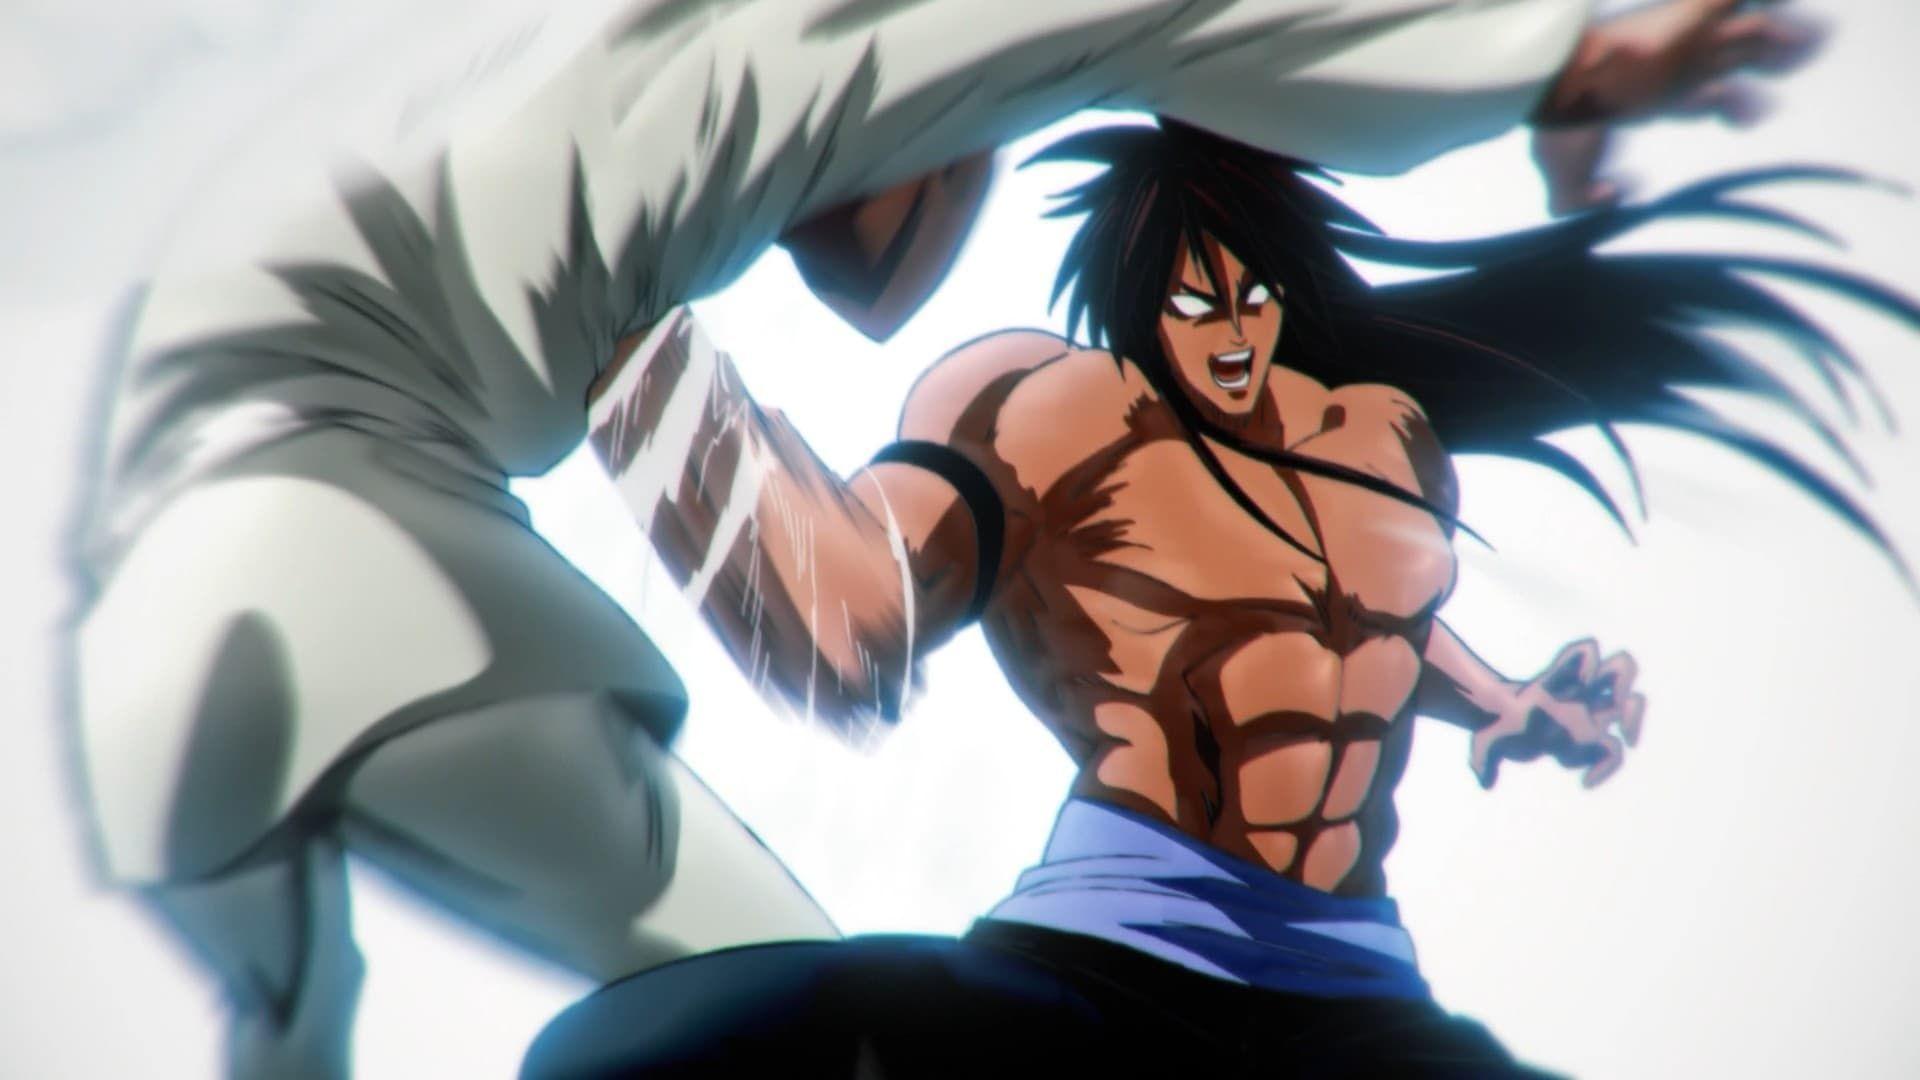 Watch One Punch Man Season 2 Hd Free Tv Show Movies Online One Punch Man One Punch Man Season Saitama